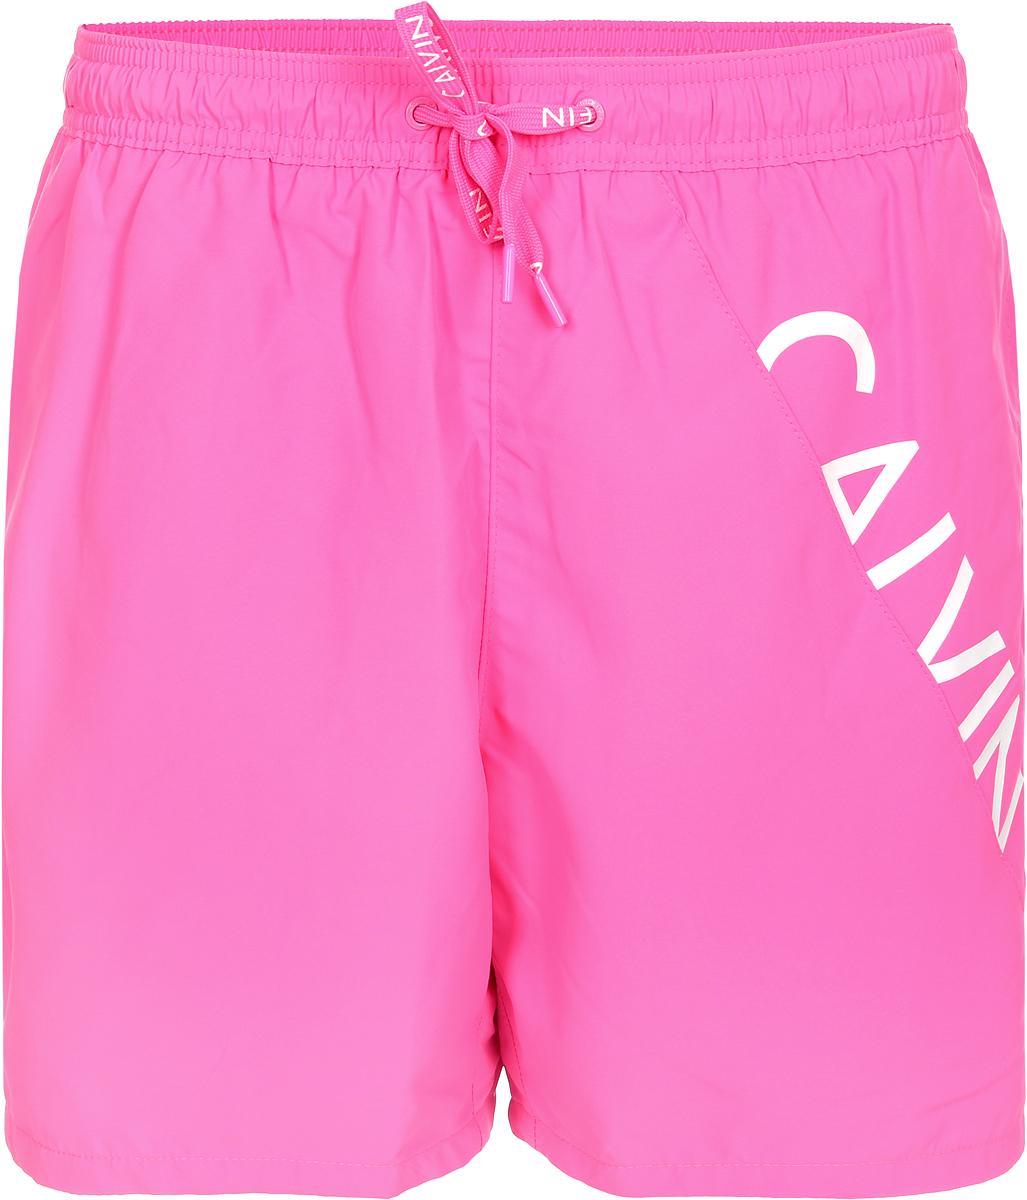 Шорты для плавания от Calvin Klein выполнены из 100% полиэстера. Материал быстро сохнет. Модель с эластичной резинкой на талии и регулируемым шнурком.